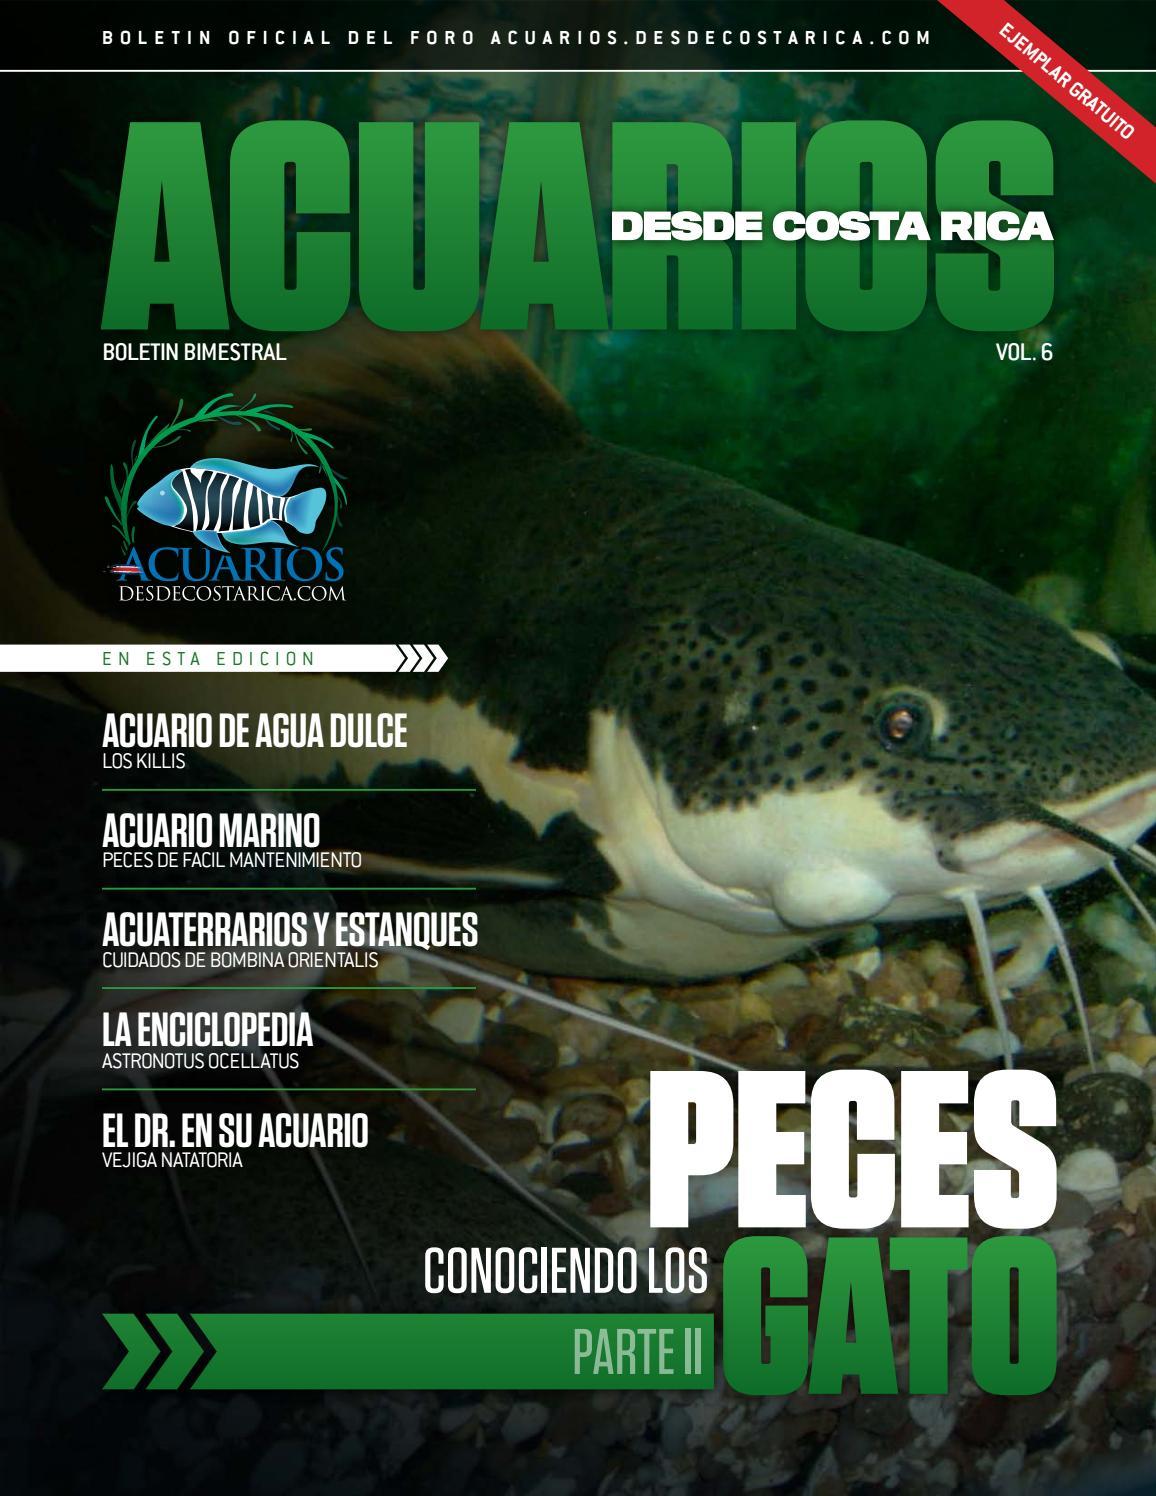 Revista acuarios desde costa rica vol 6 by la magia de los for Acuarios de peces ornamentales